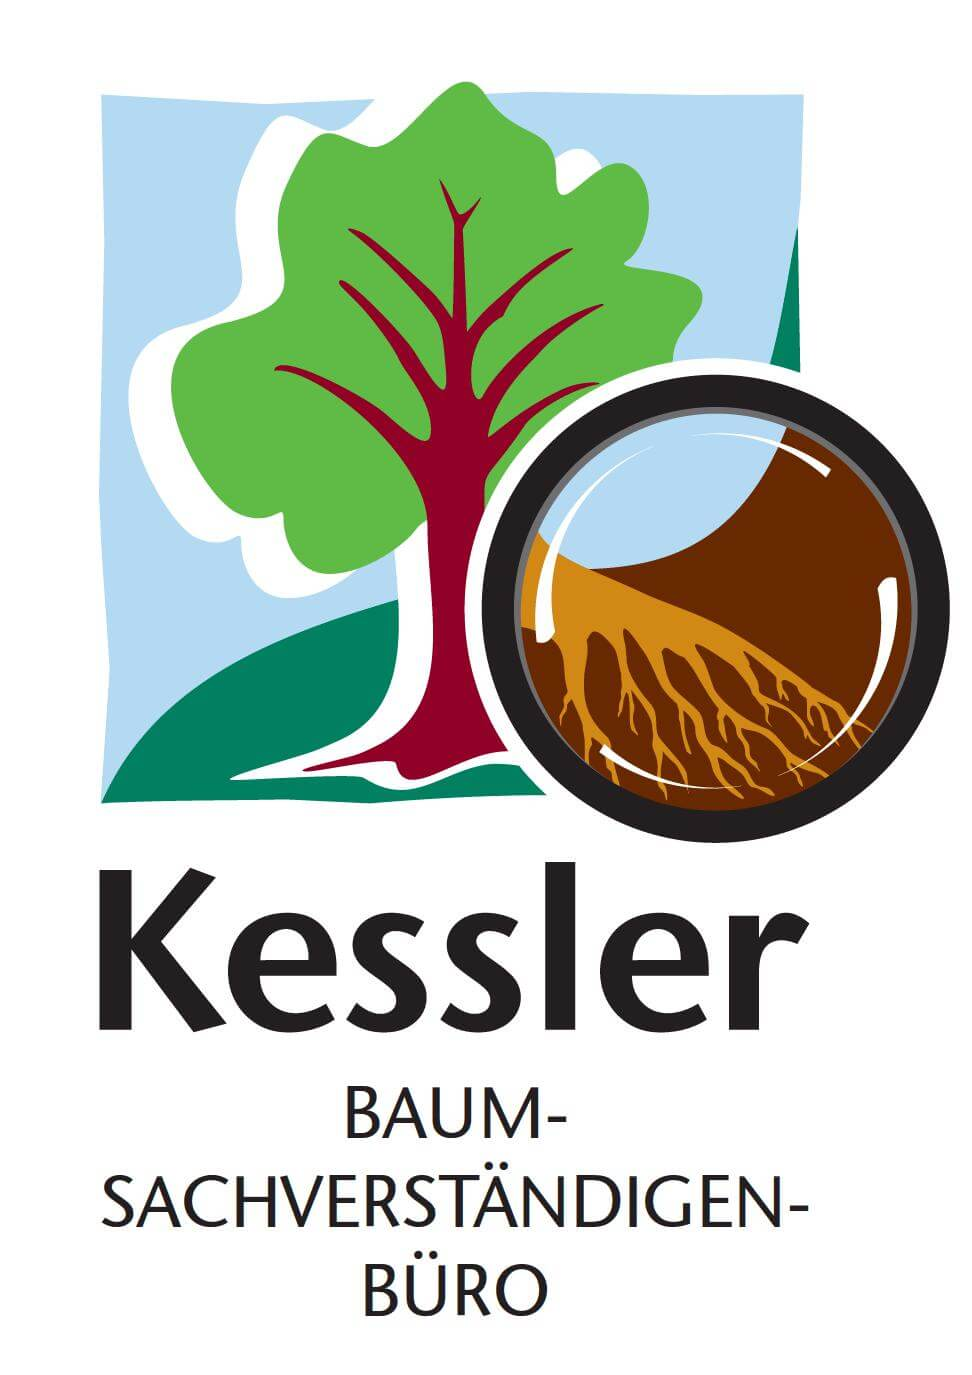 Ingo Kessler Stuttgart, Baum-Sachverständiger